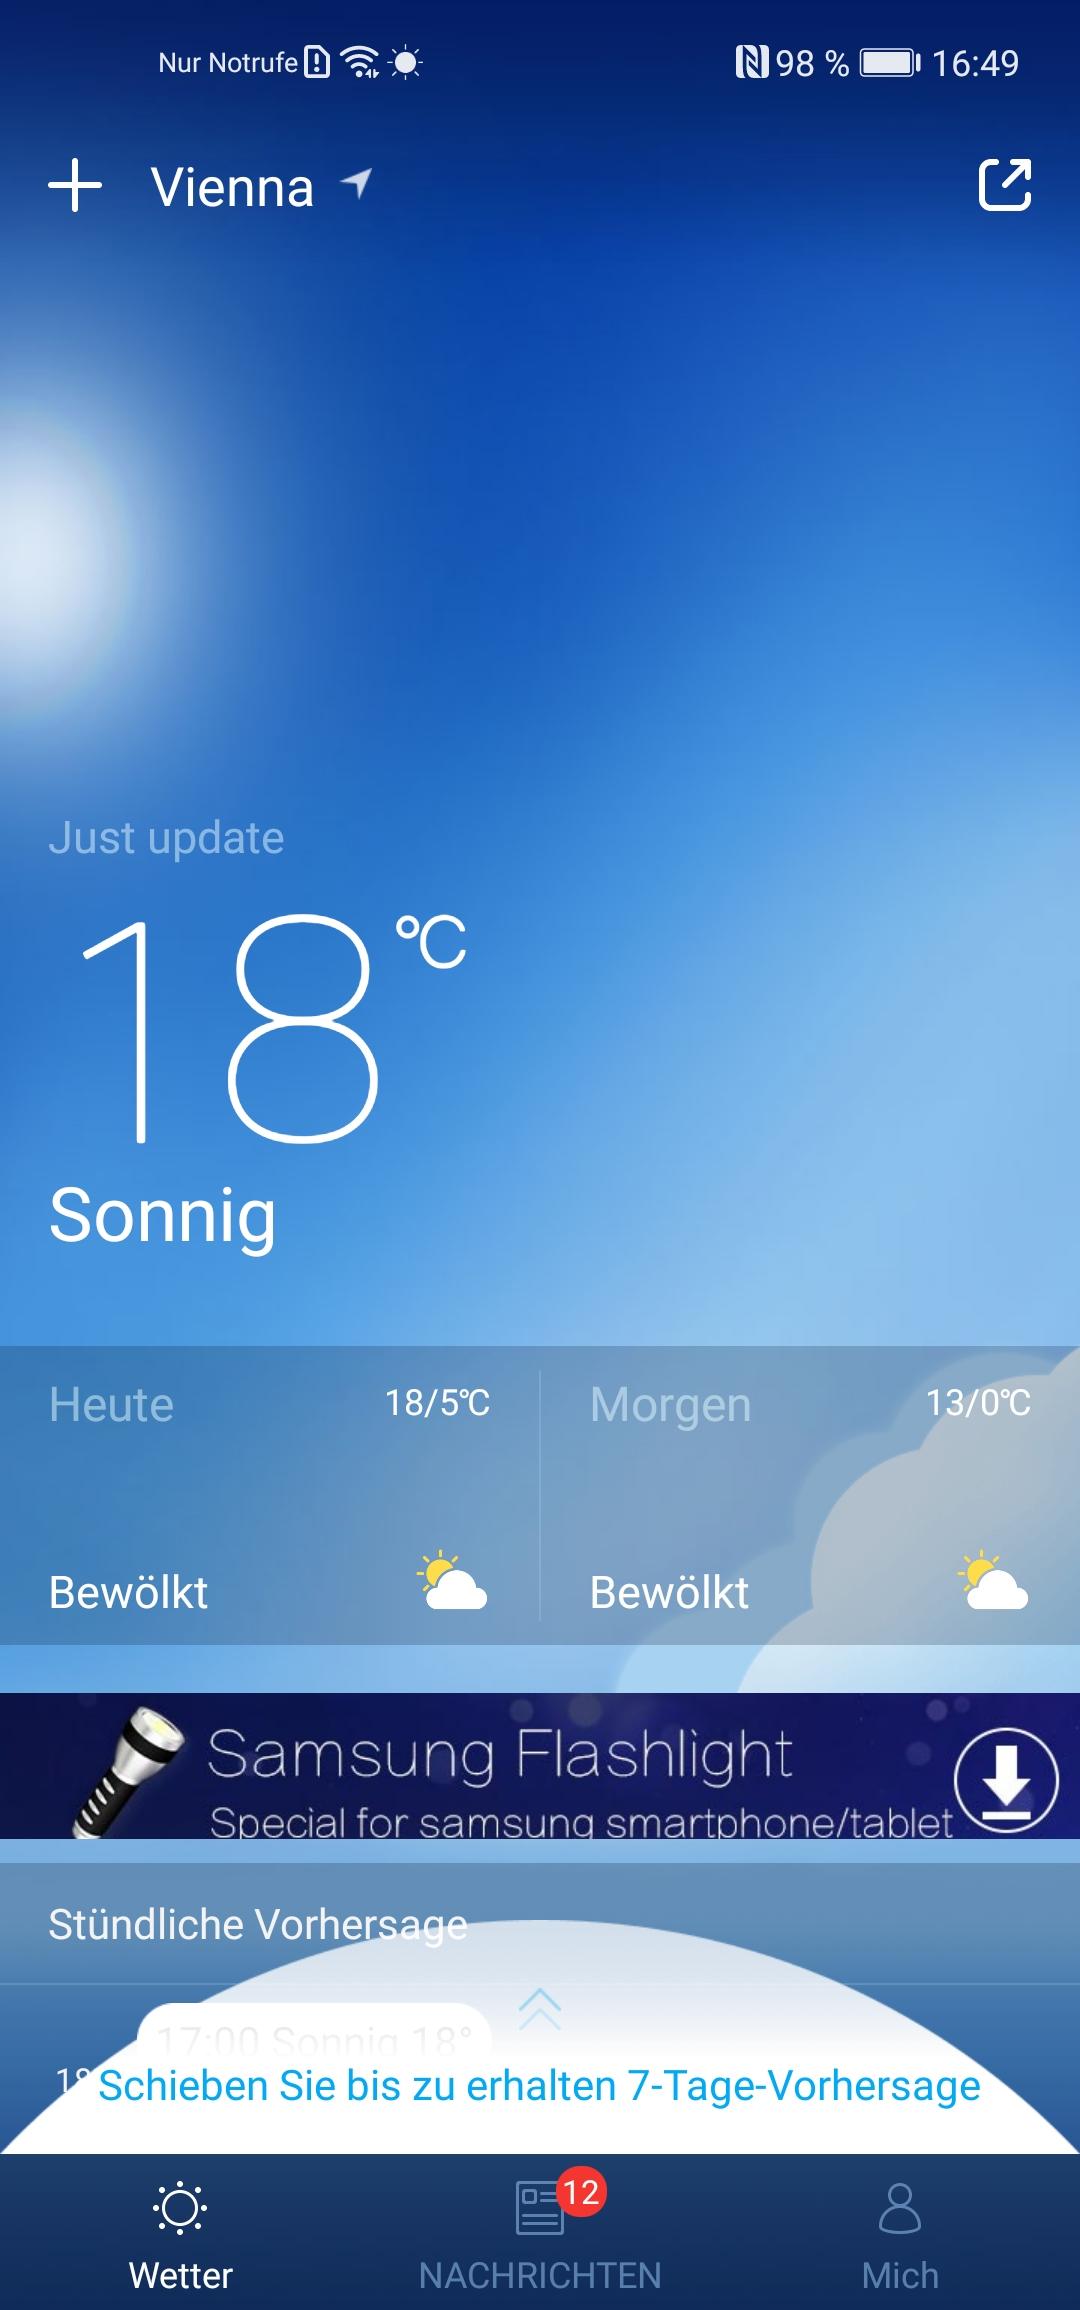 Die vorinstallierte Wetter-App - leider nur in der Free-Version mit Werbung